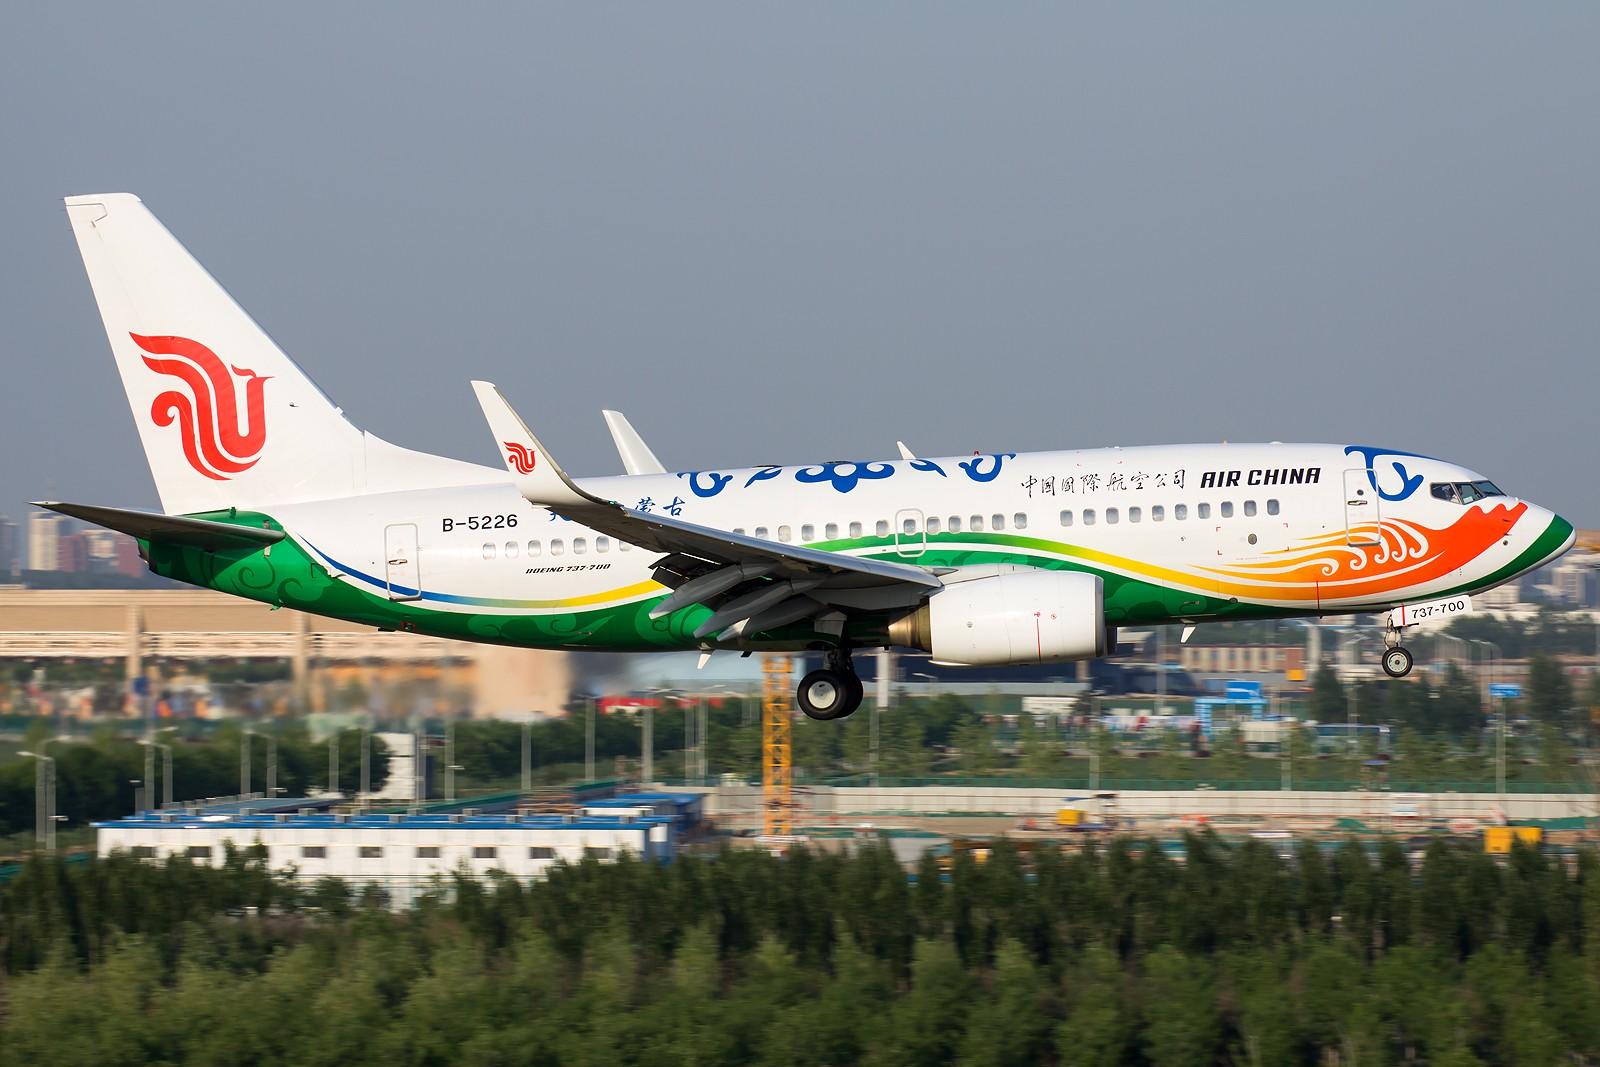 [原创][一图党] 天骄内蒙古 BOEING 737-700 B-5226 中国北京首都国际机场